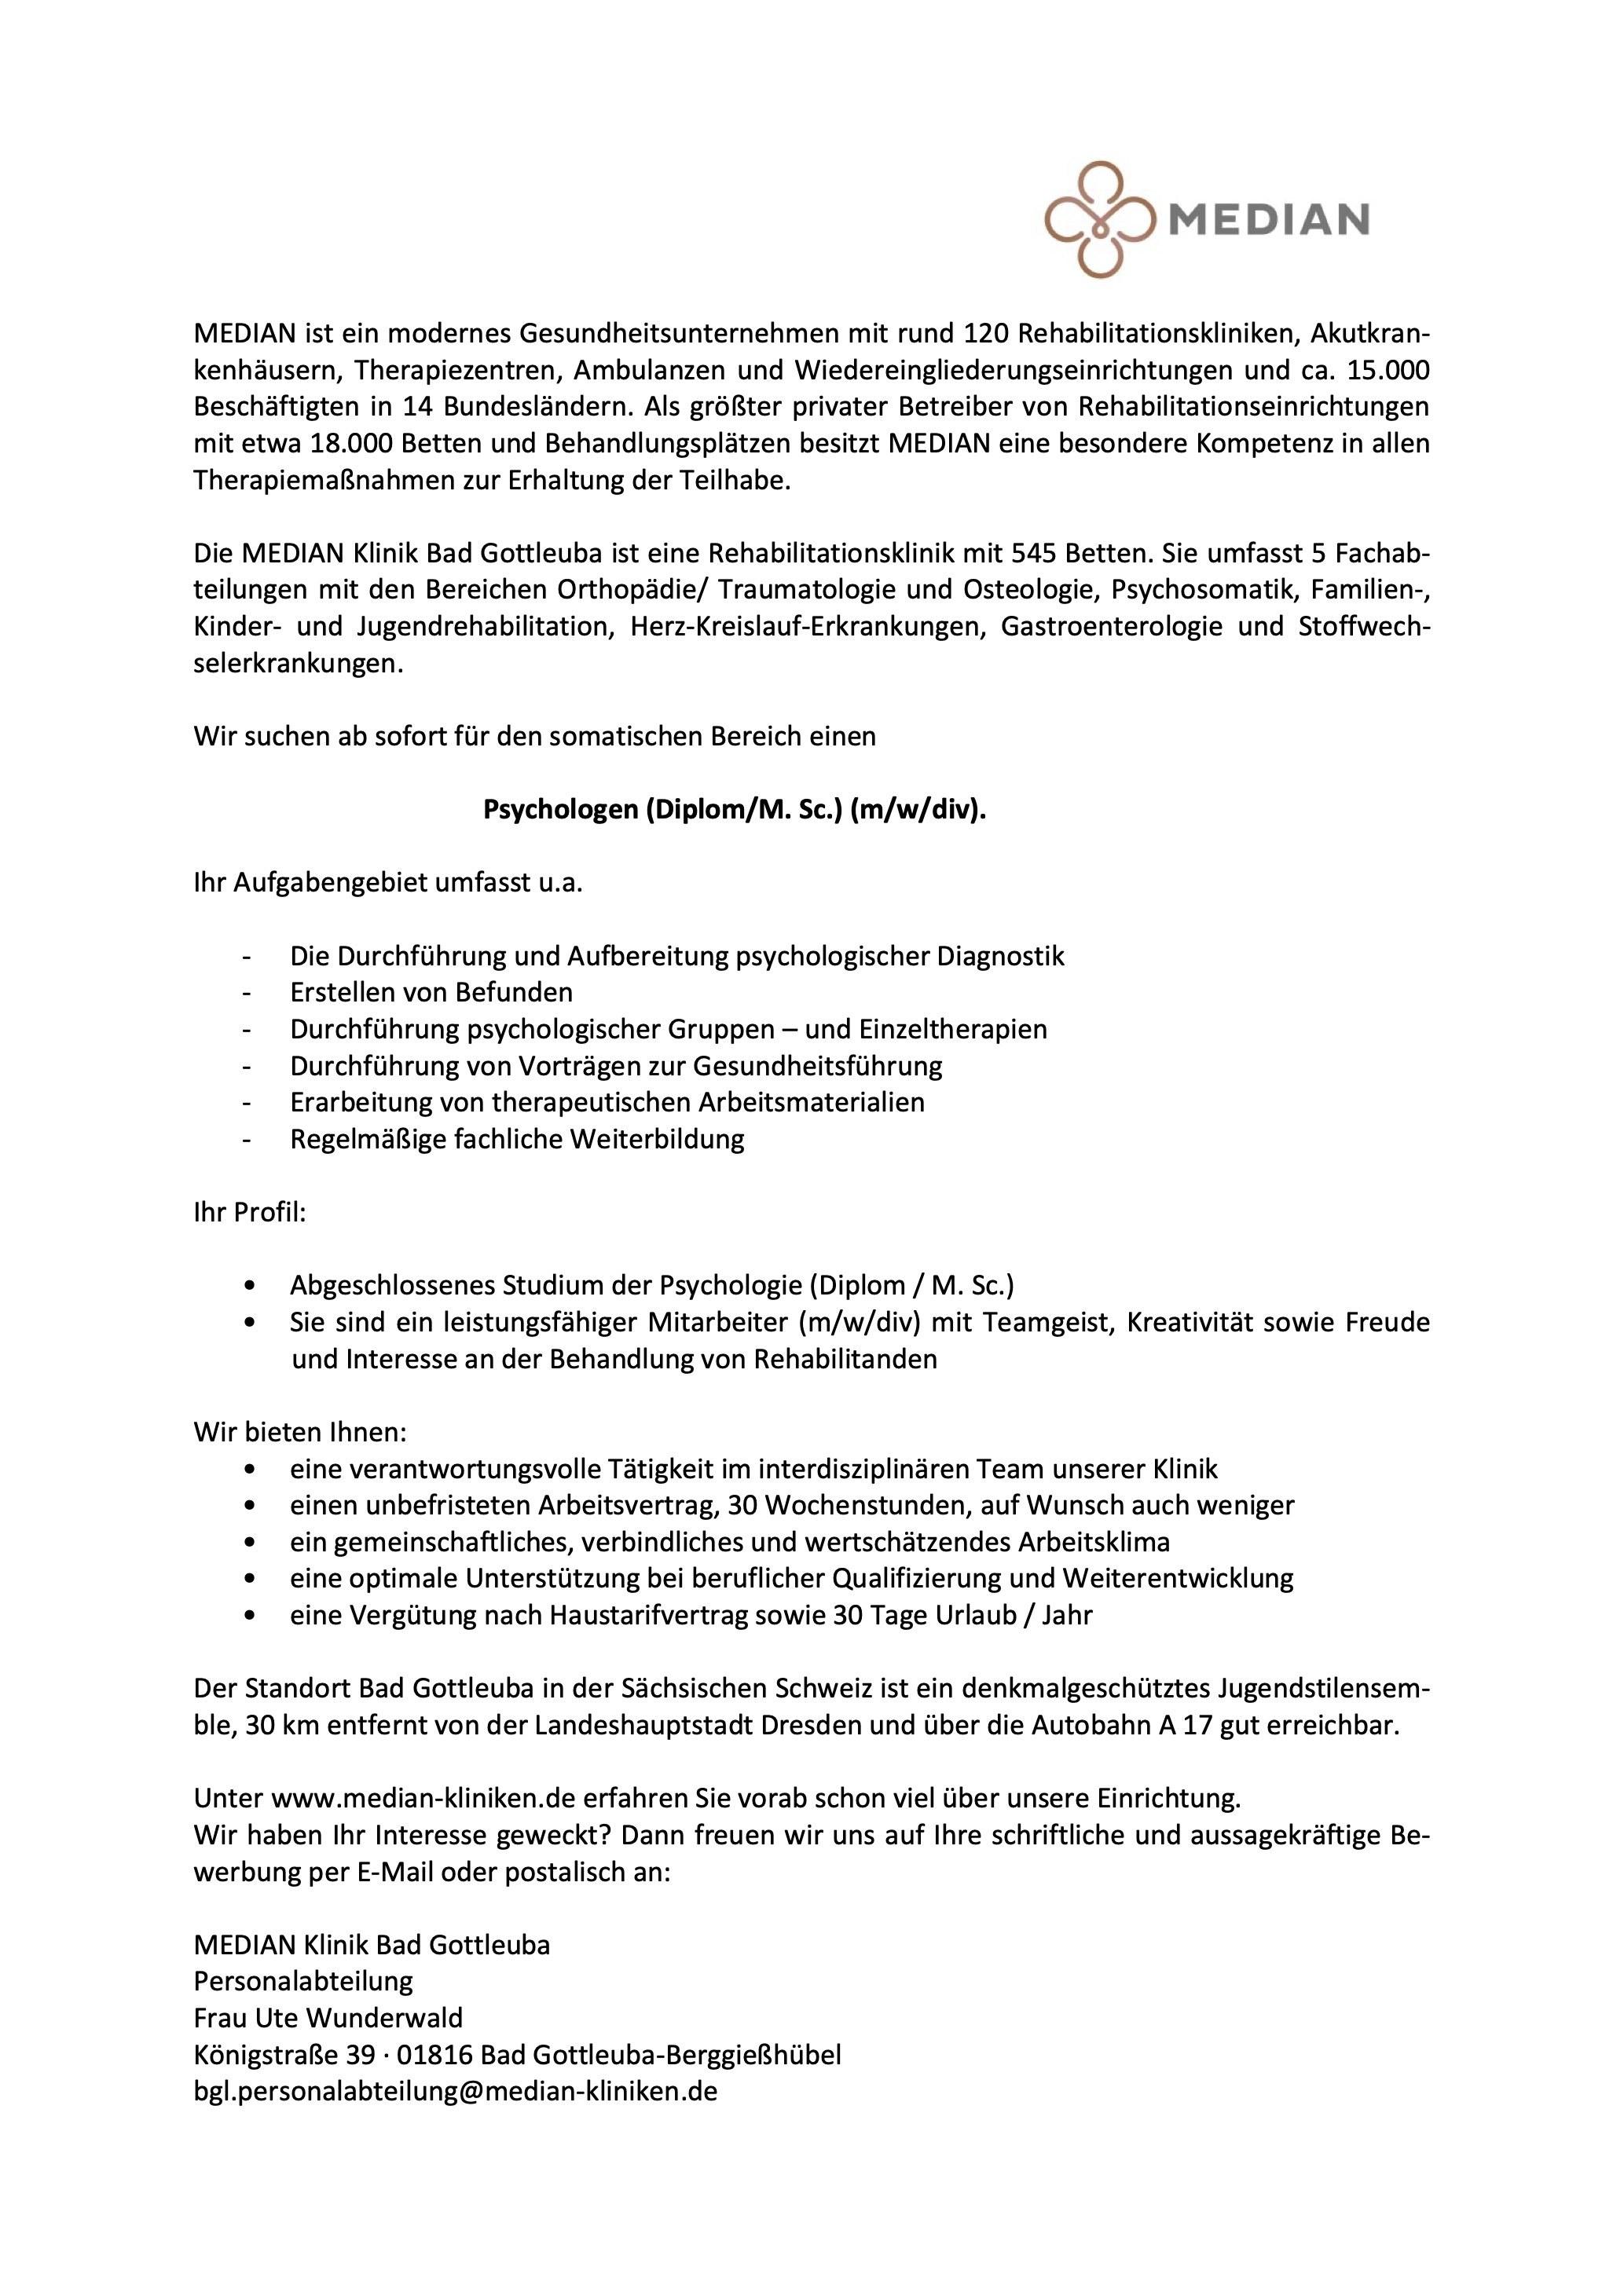 Psychologen (Diplom/M. Sc.) (m/w/div)